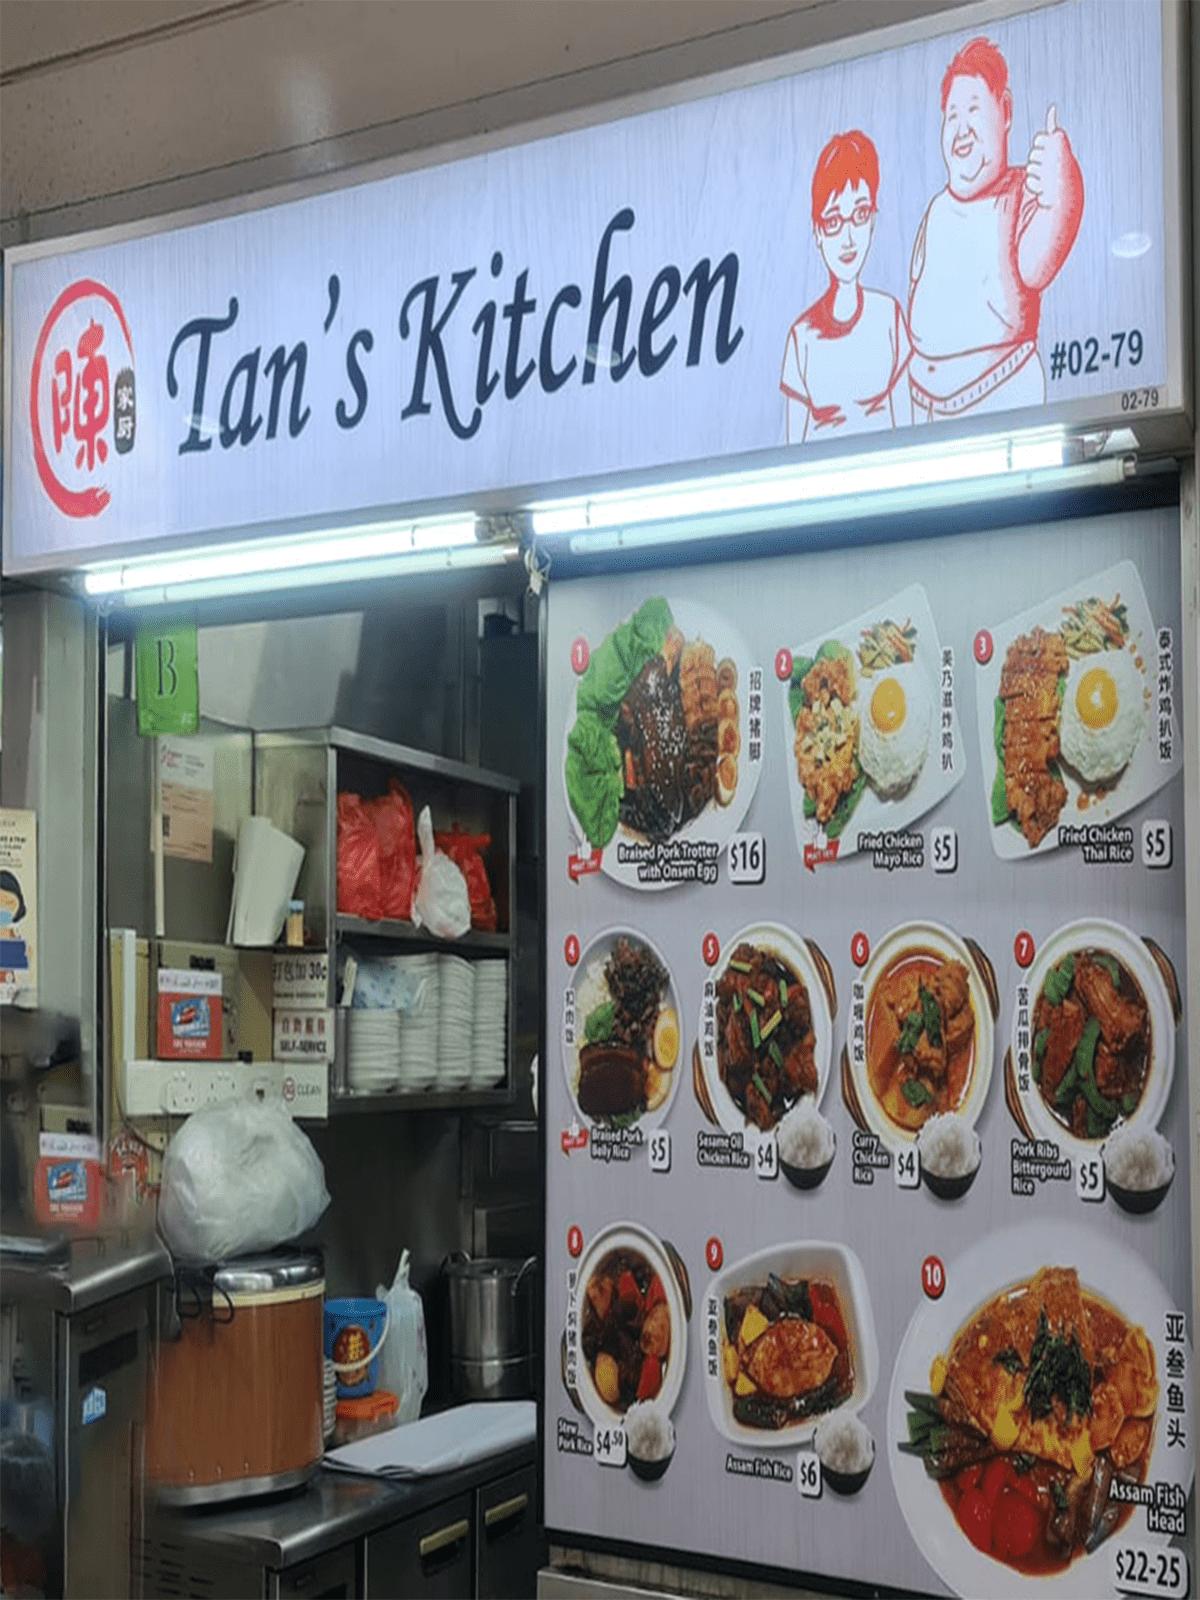 tan's kitchen